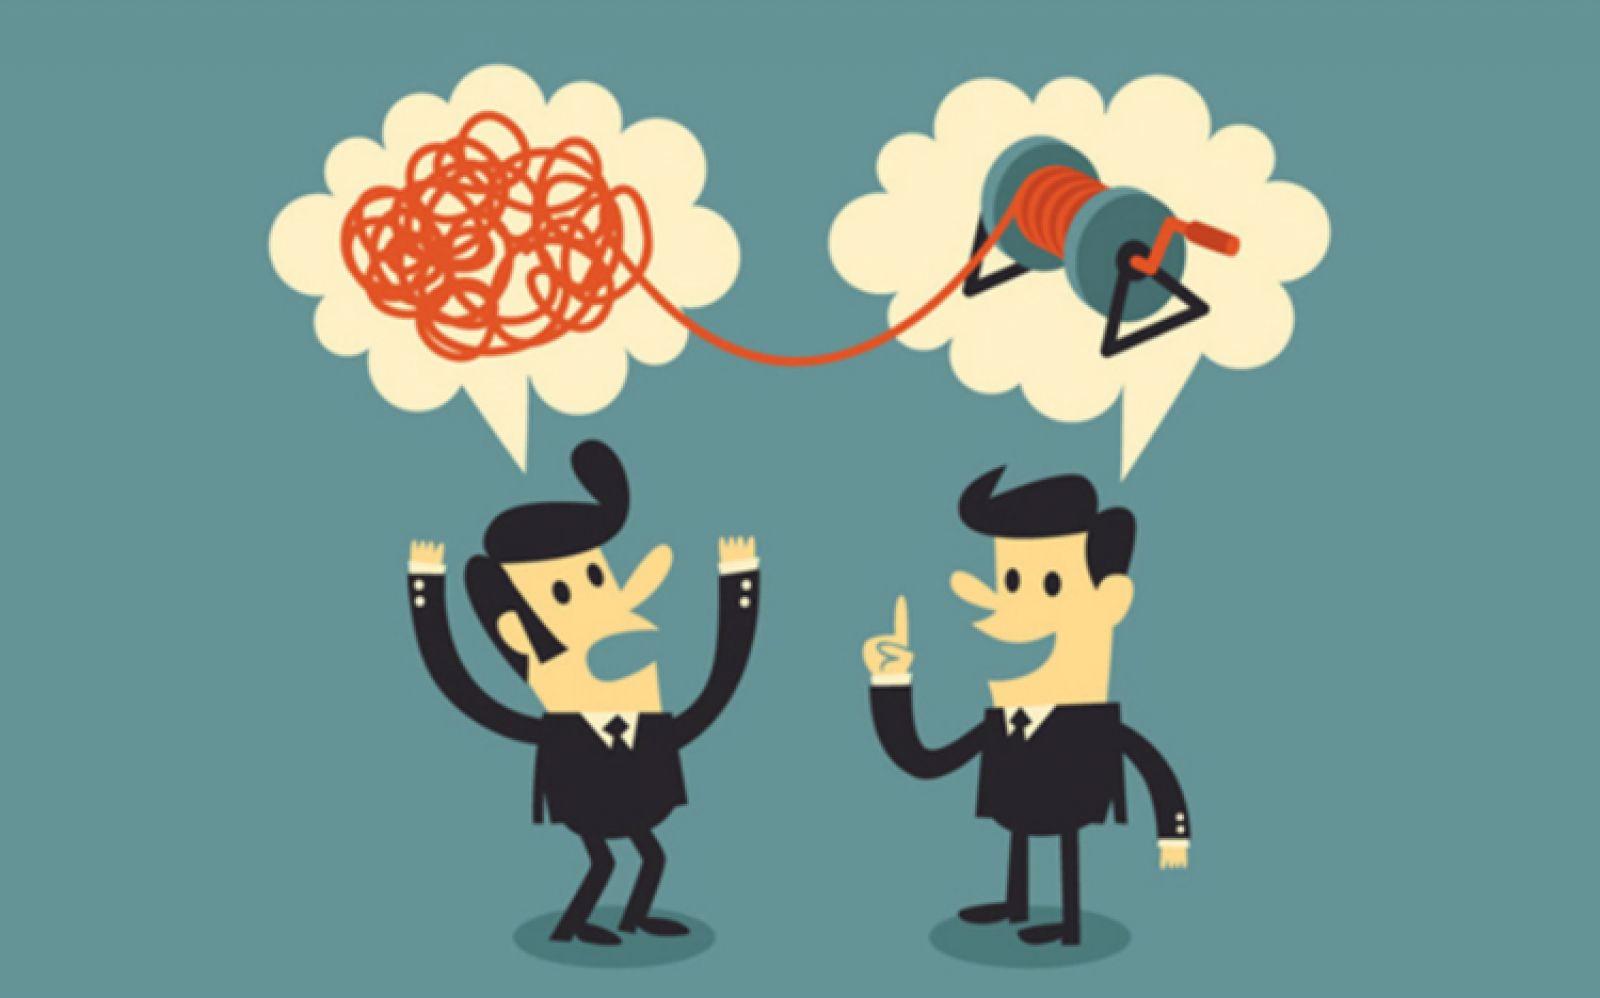 Bạn có chắc ý tưởng kinh doanh của mình đáng để bản thân theo đuổi? Hãy trả lời ngay 5 câu hỏi dưới đây để biết rõ.